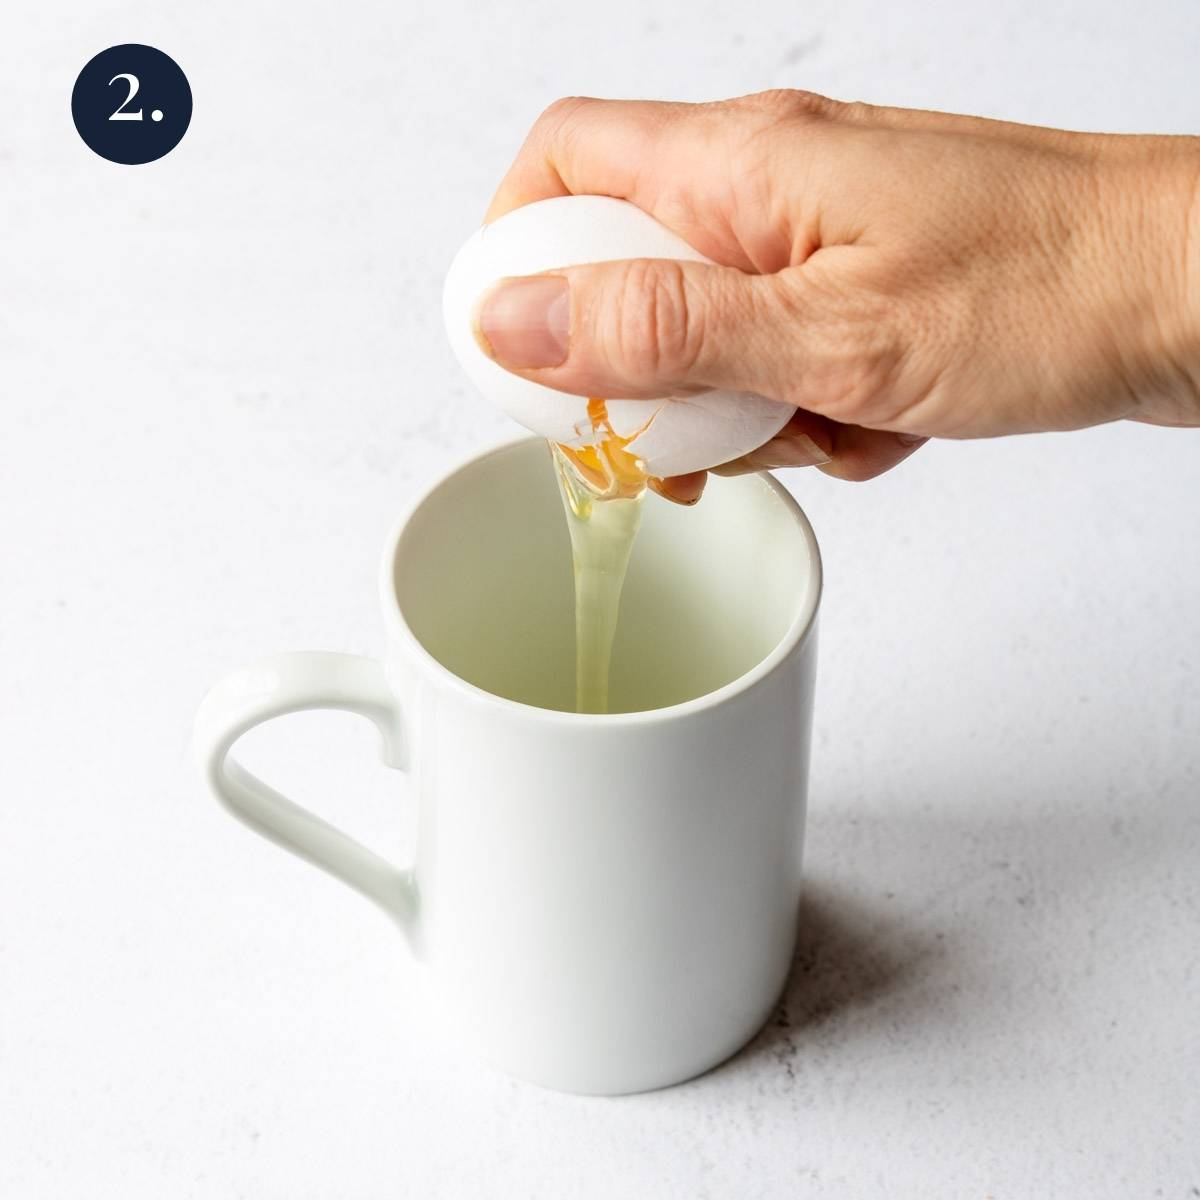 cracking an egg in a mug